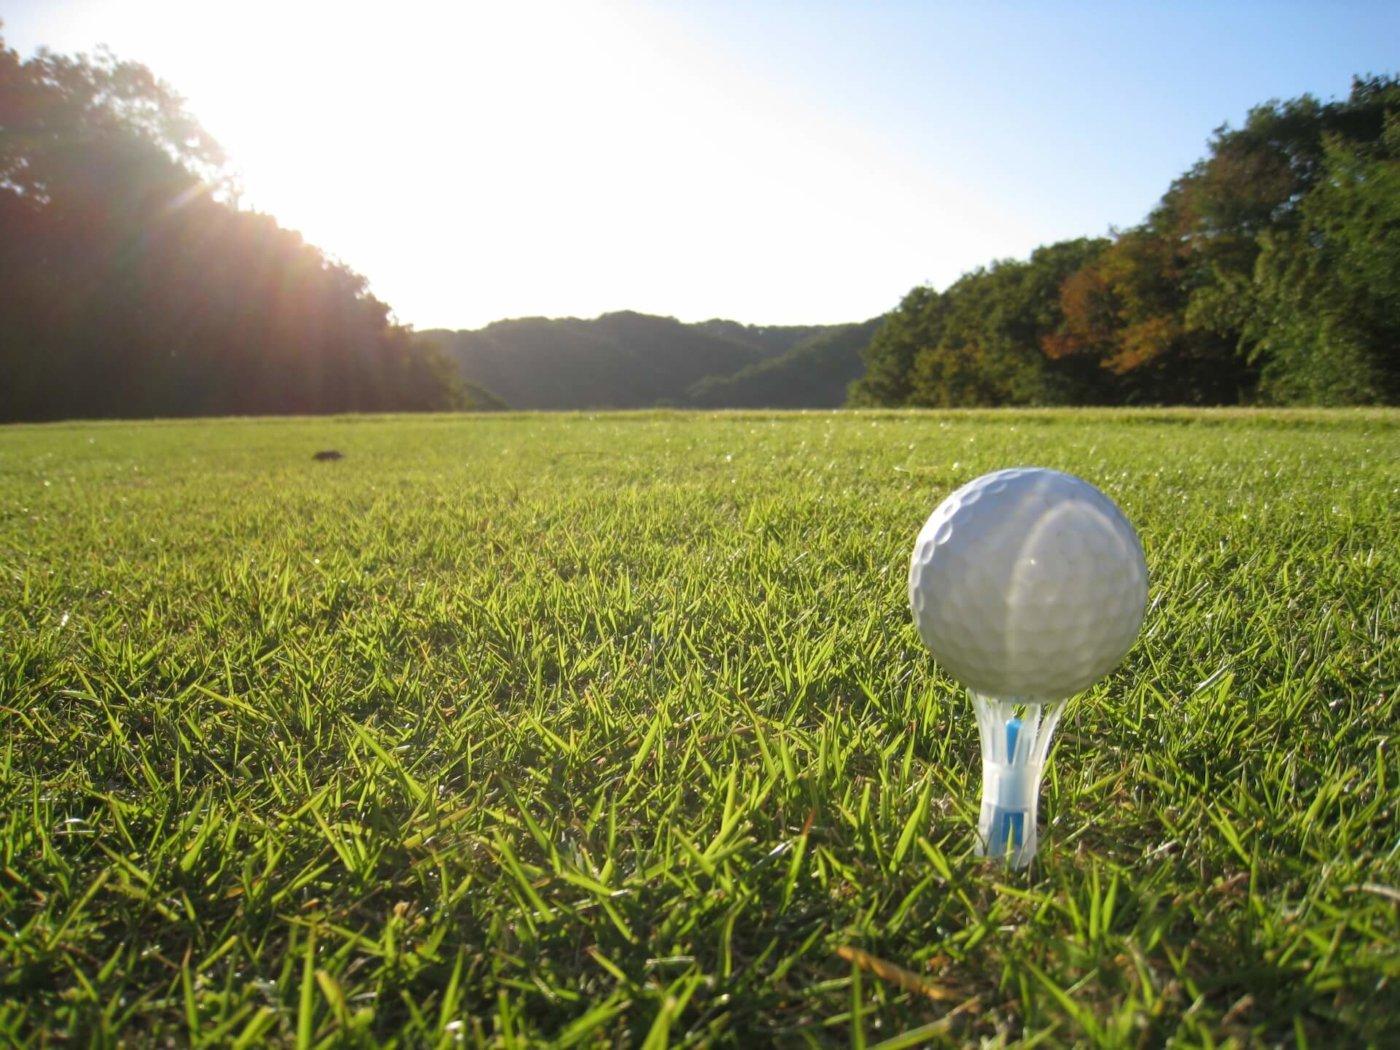 銀座でゴルフを楽しむ